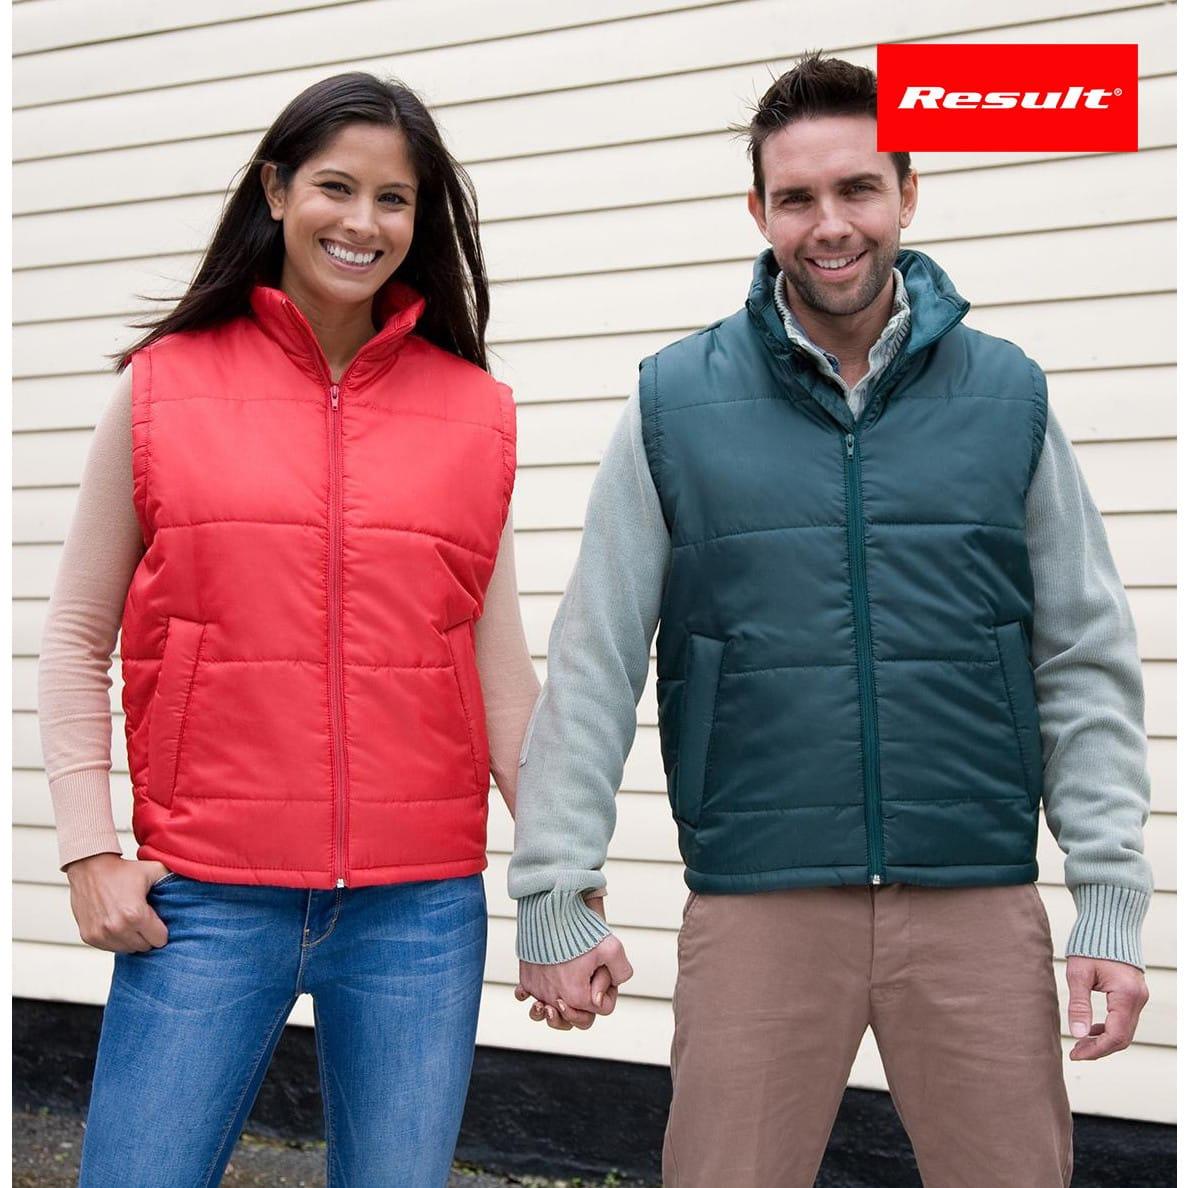 Ragazzo e ragazza che indossano smanicato unisex impermeabile rosso e verde con tasche frontali